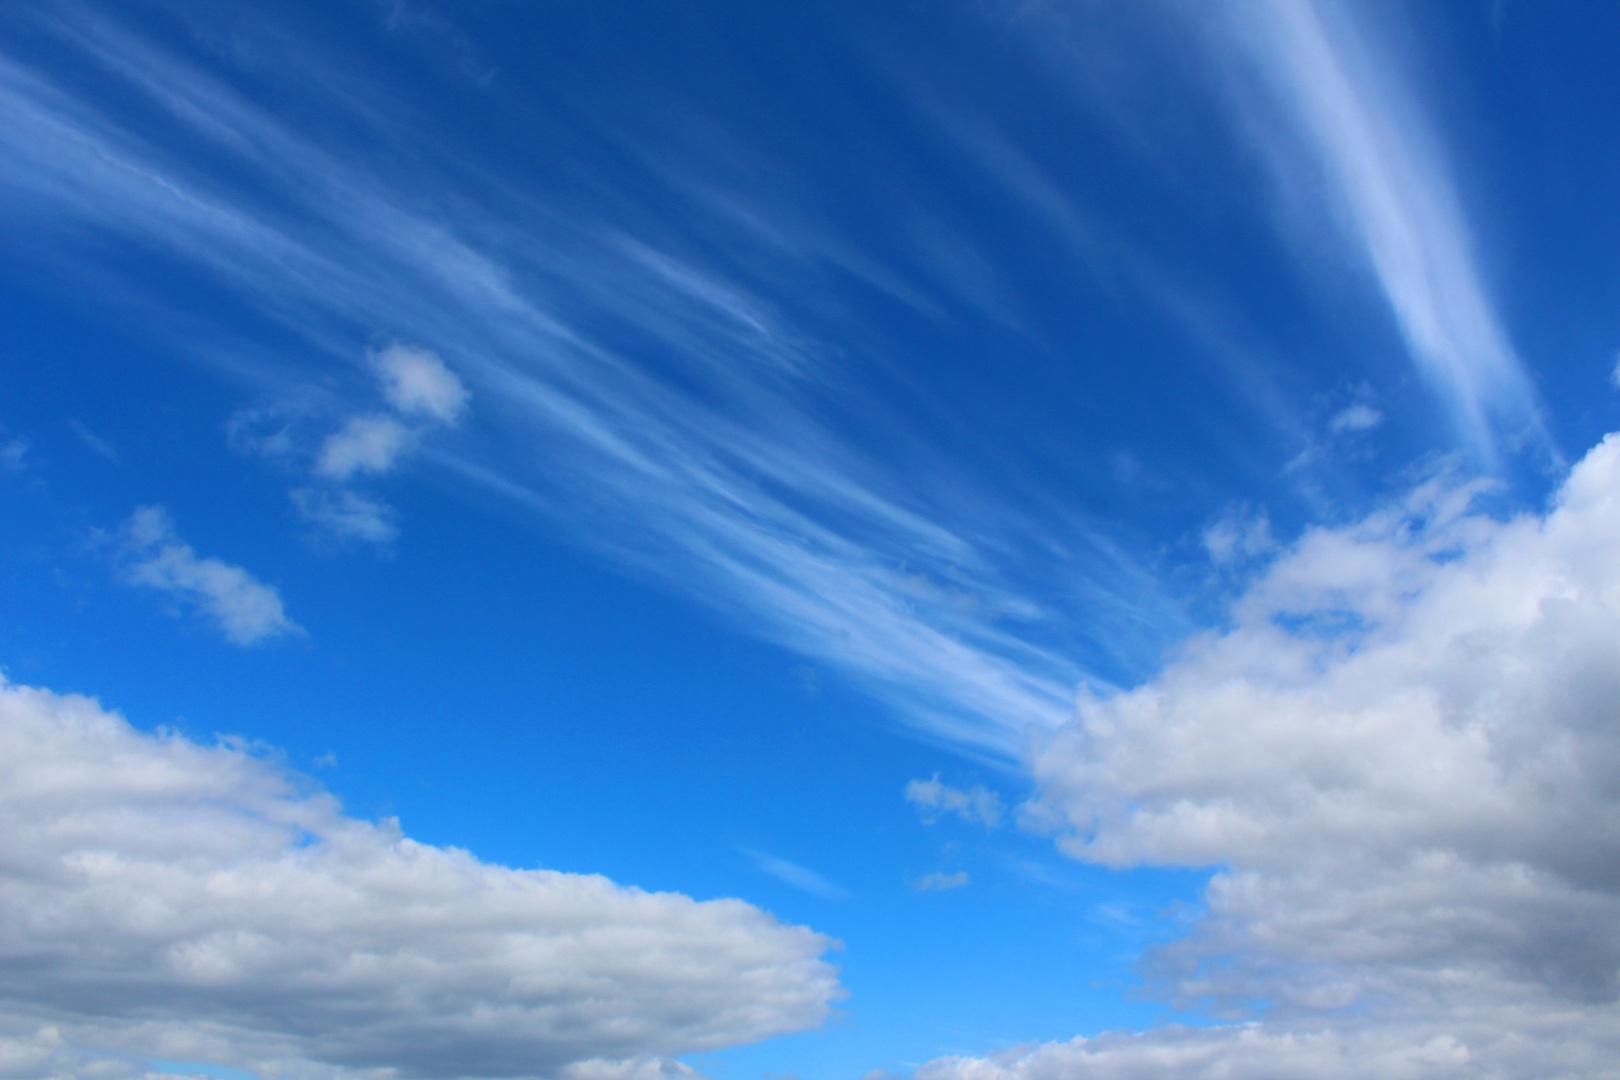 Heaven & Clouds